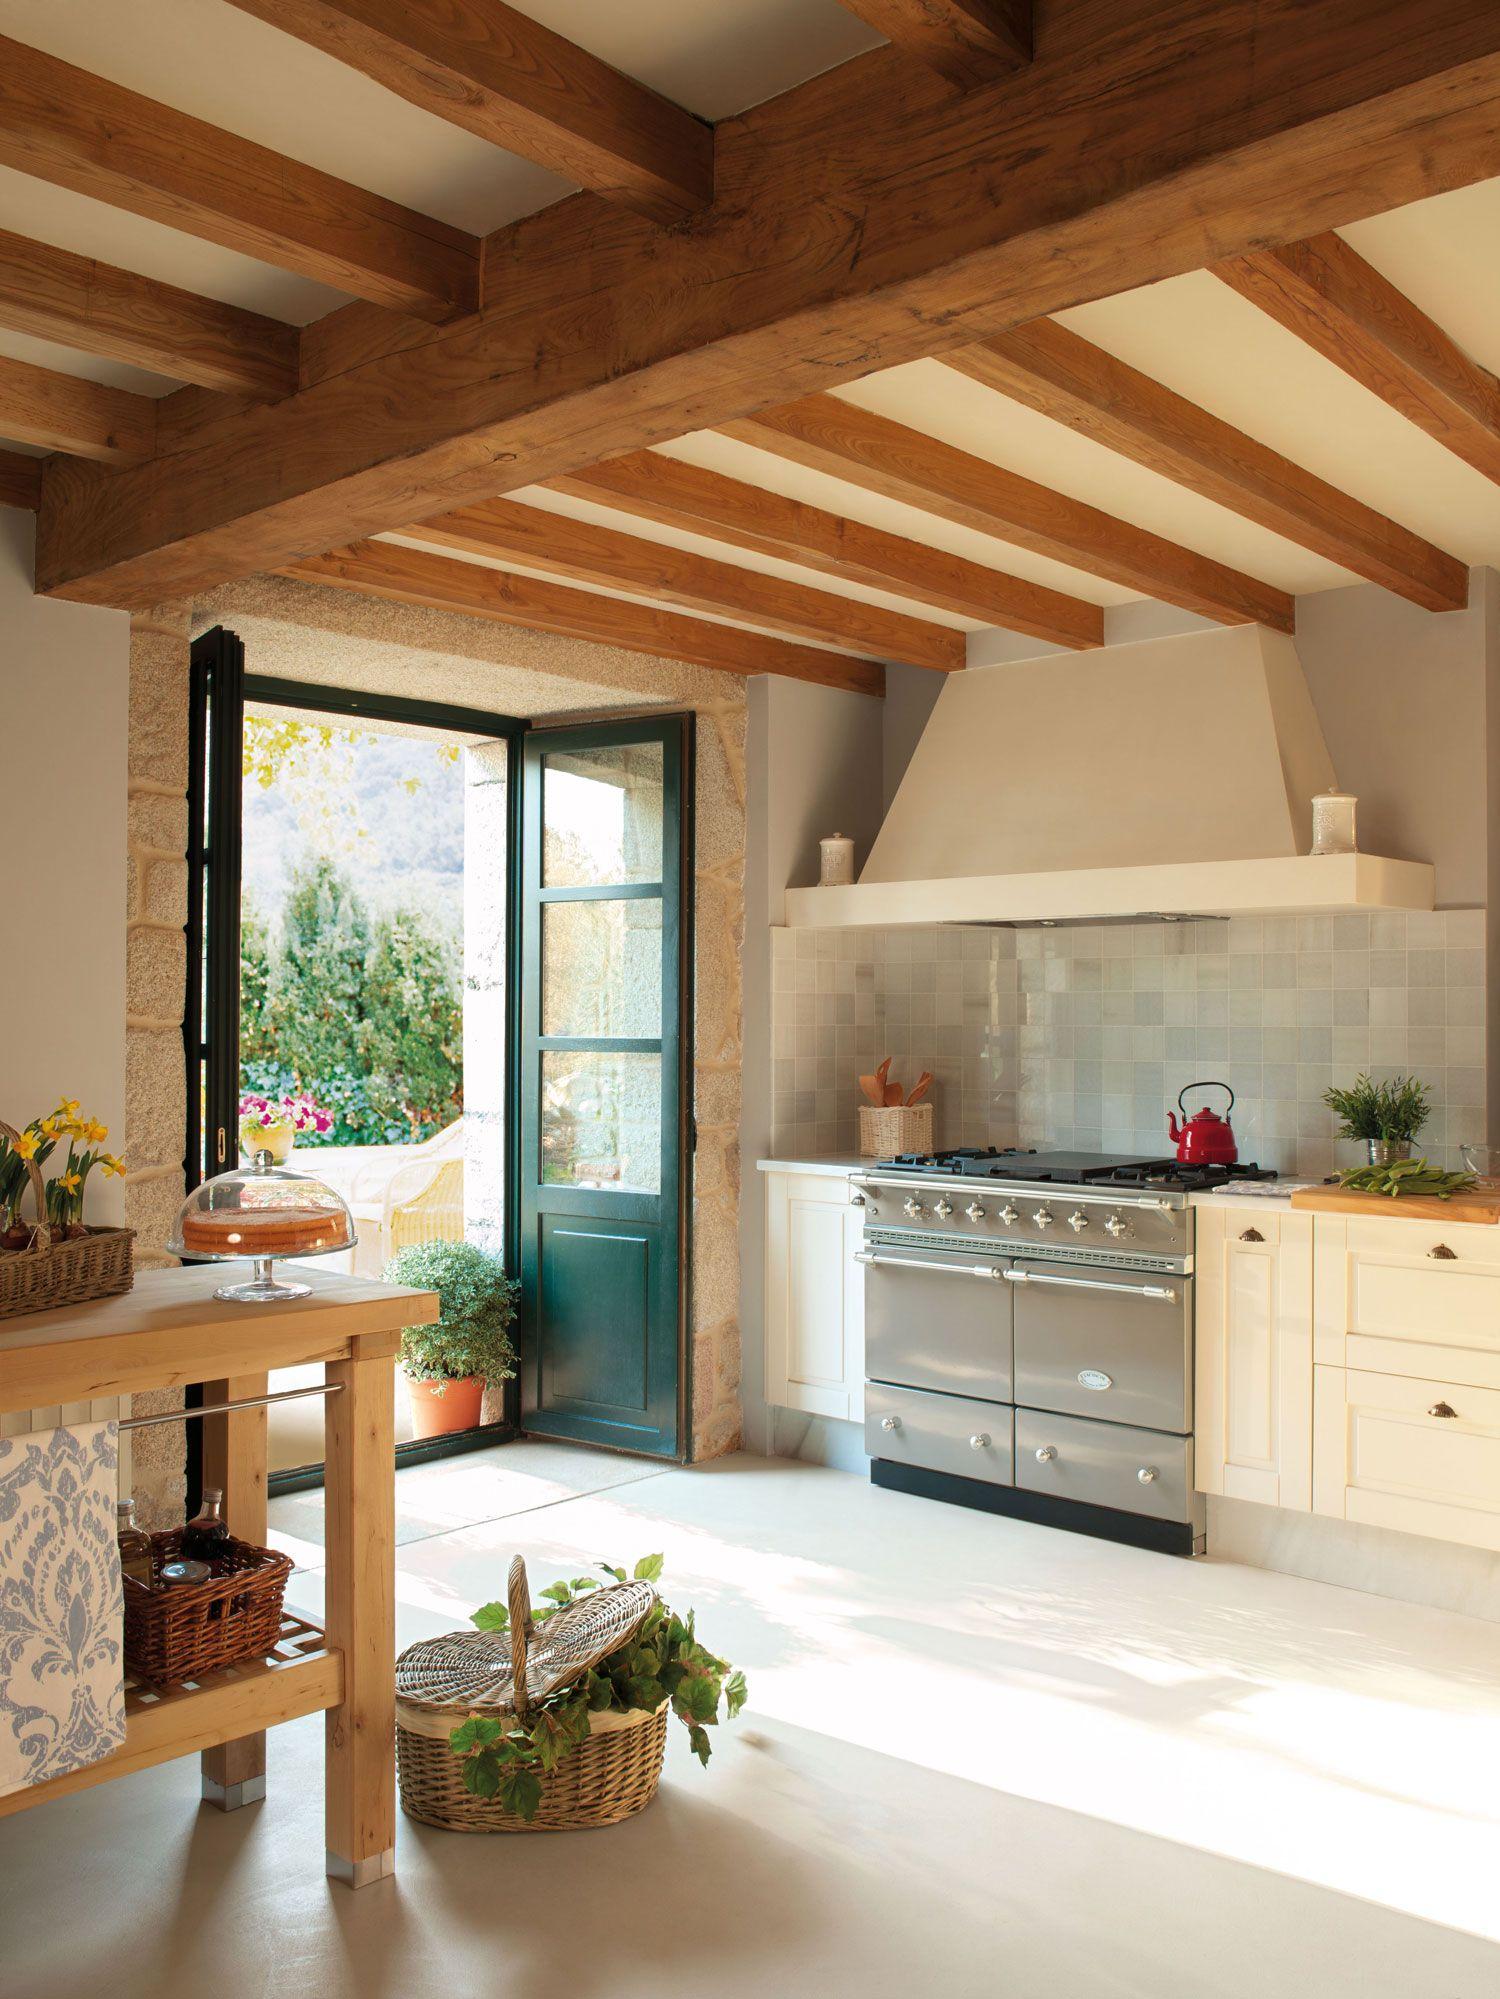 Ba o zona de relax en 2019 cocinas casas acogedoras for Decoracion de casas acogedoras